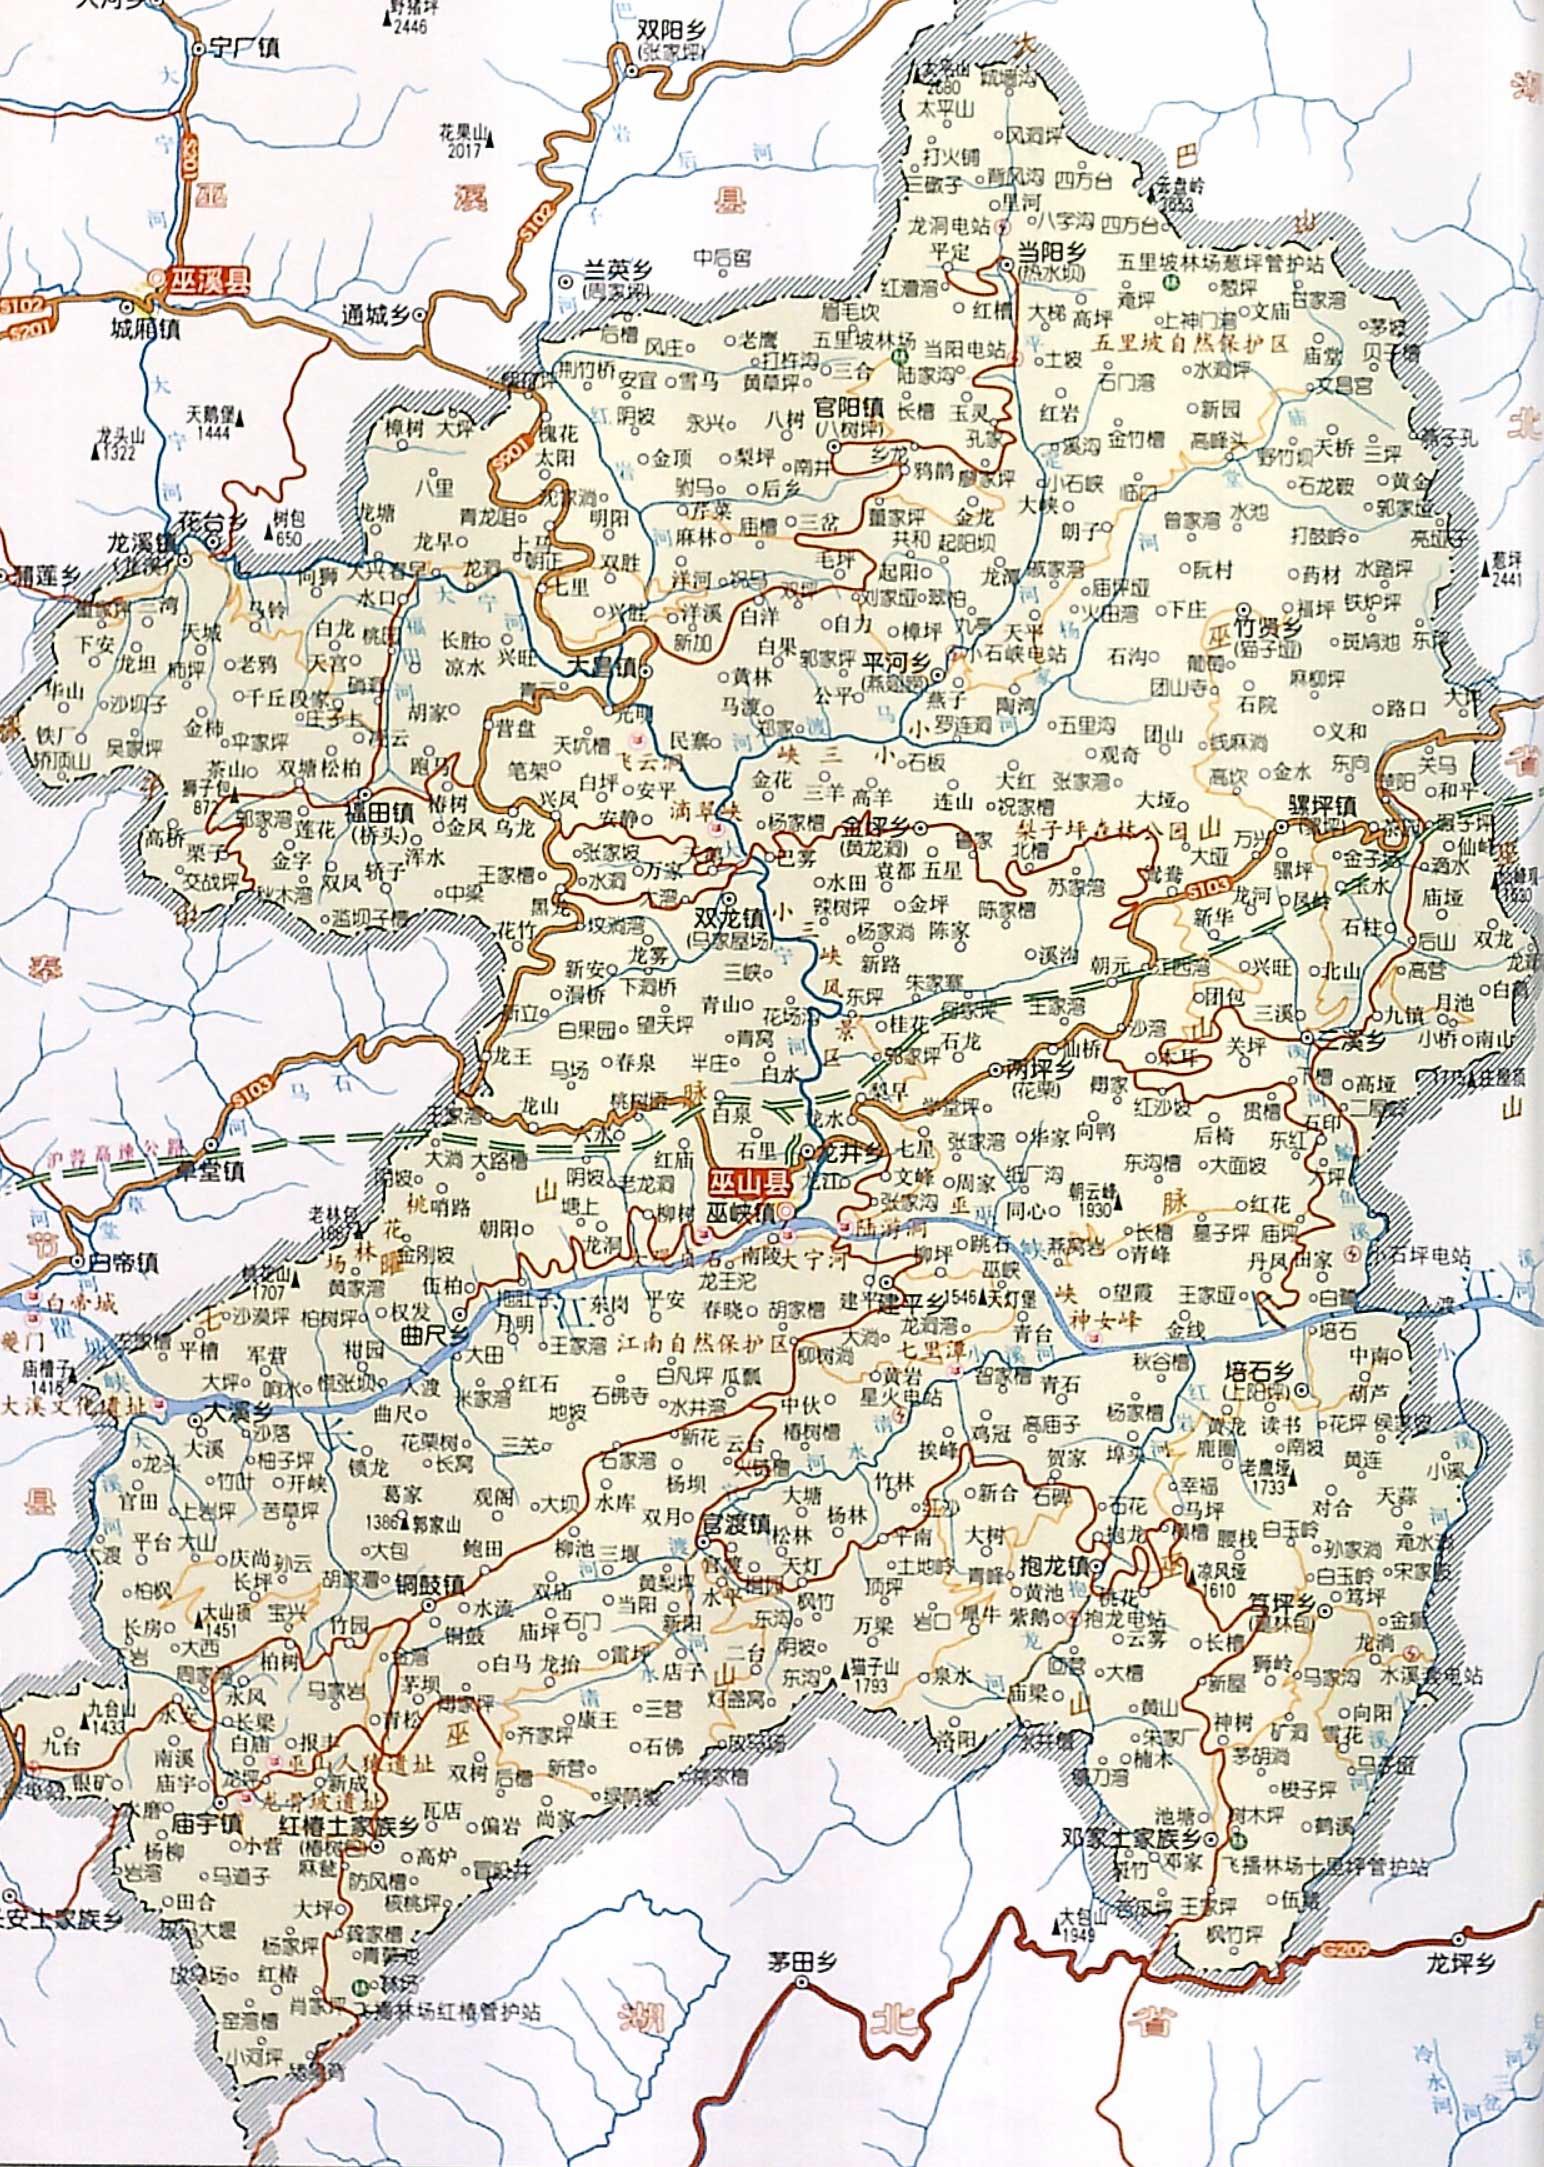 重庆巫山地图; 汉代地图; 重庆巫山县地图